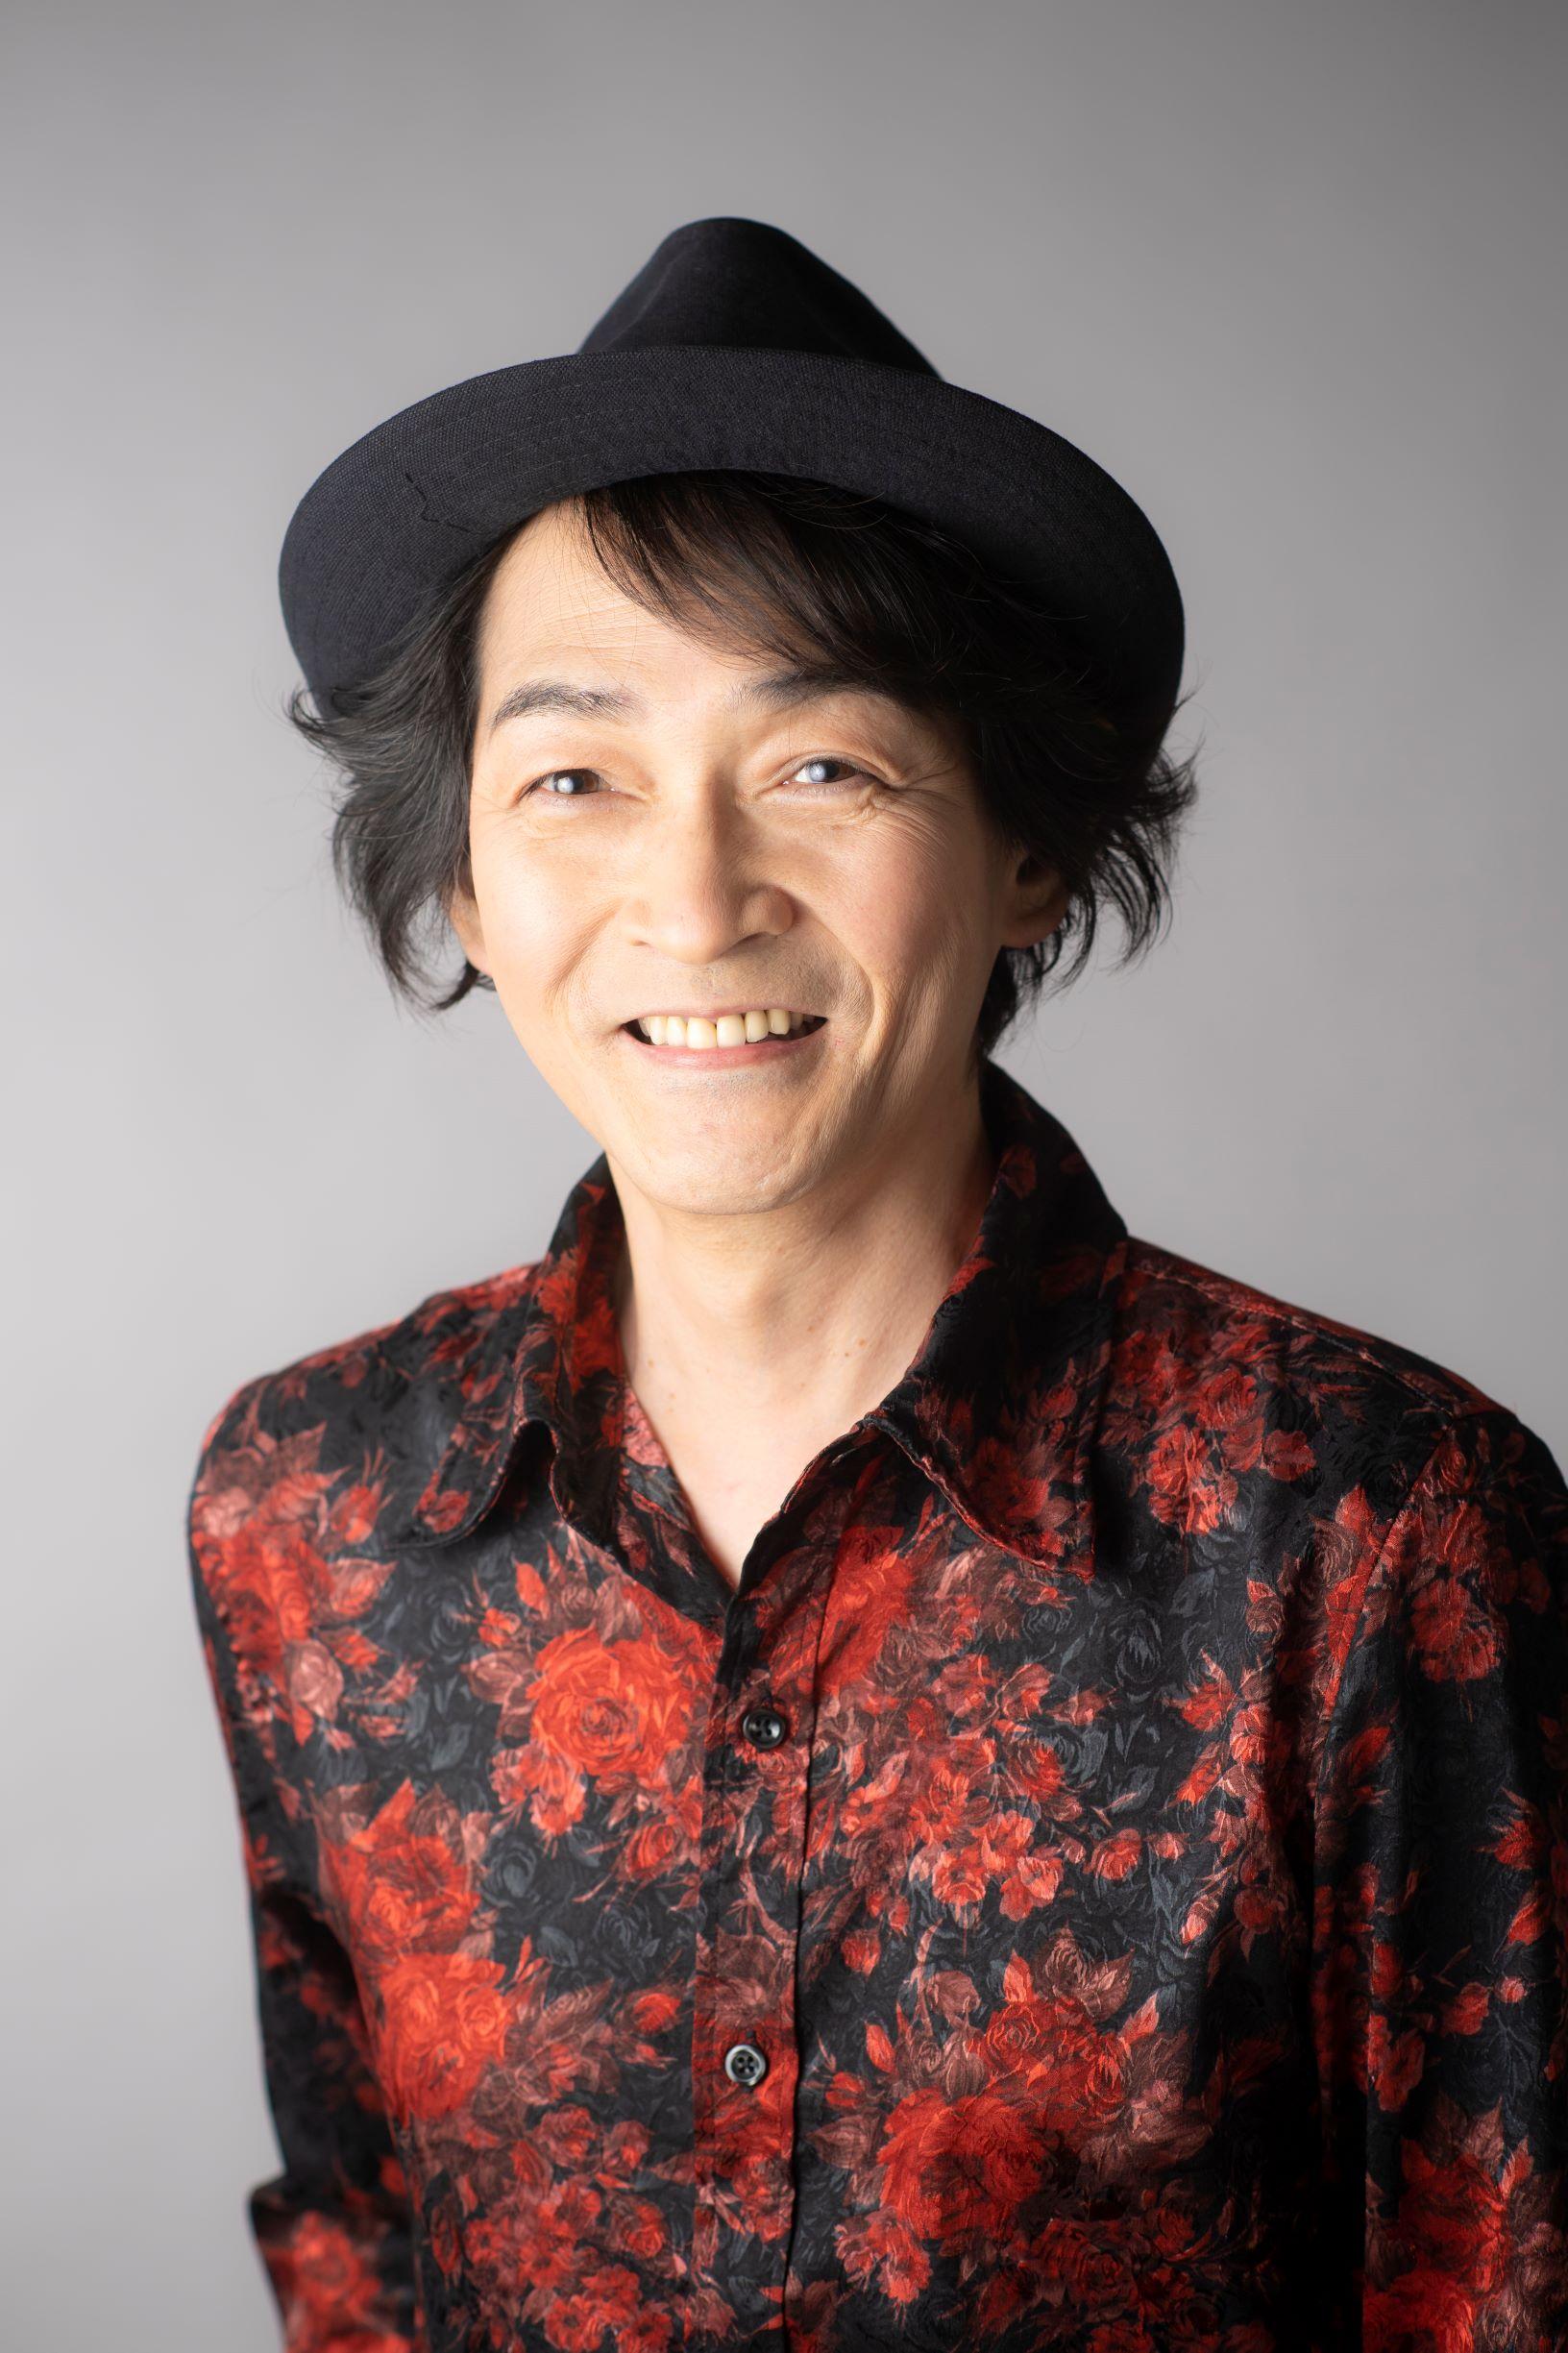 新星堂70周年記念 5夜連続LIVE SHINSEIDO Pops Night at BIRDLAND ~堀江淳~